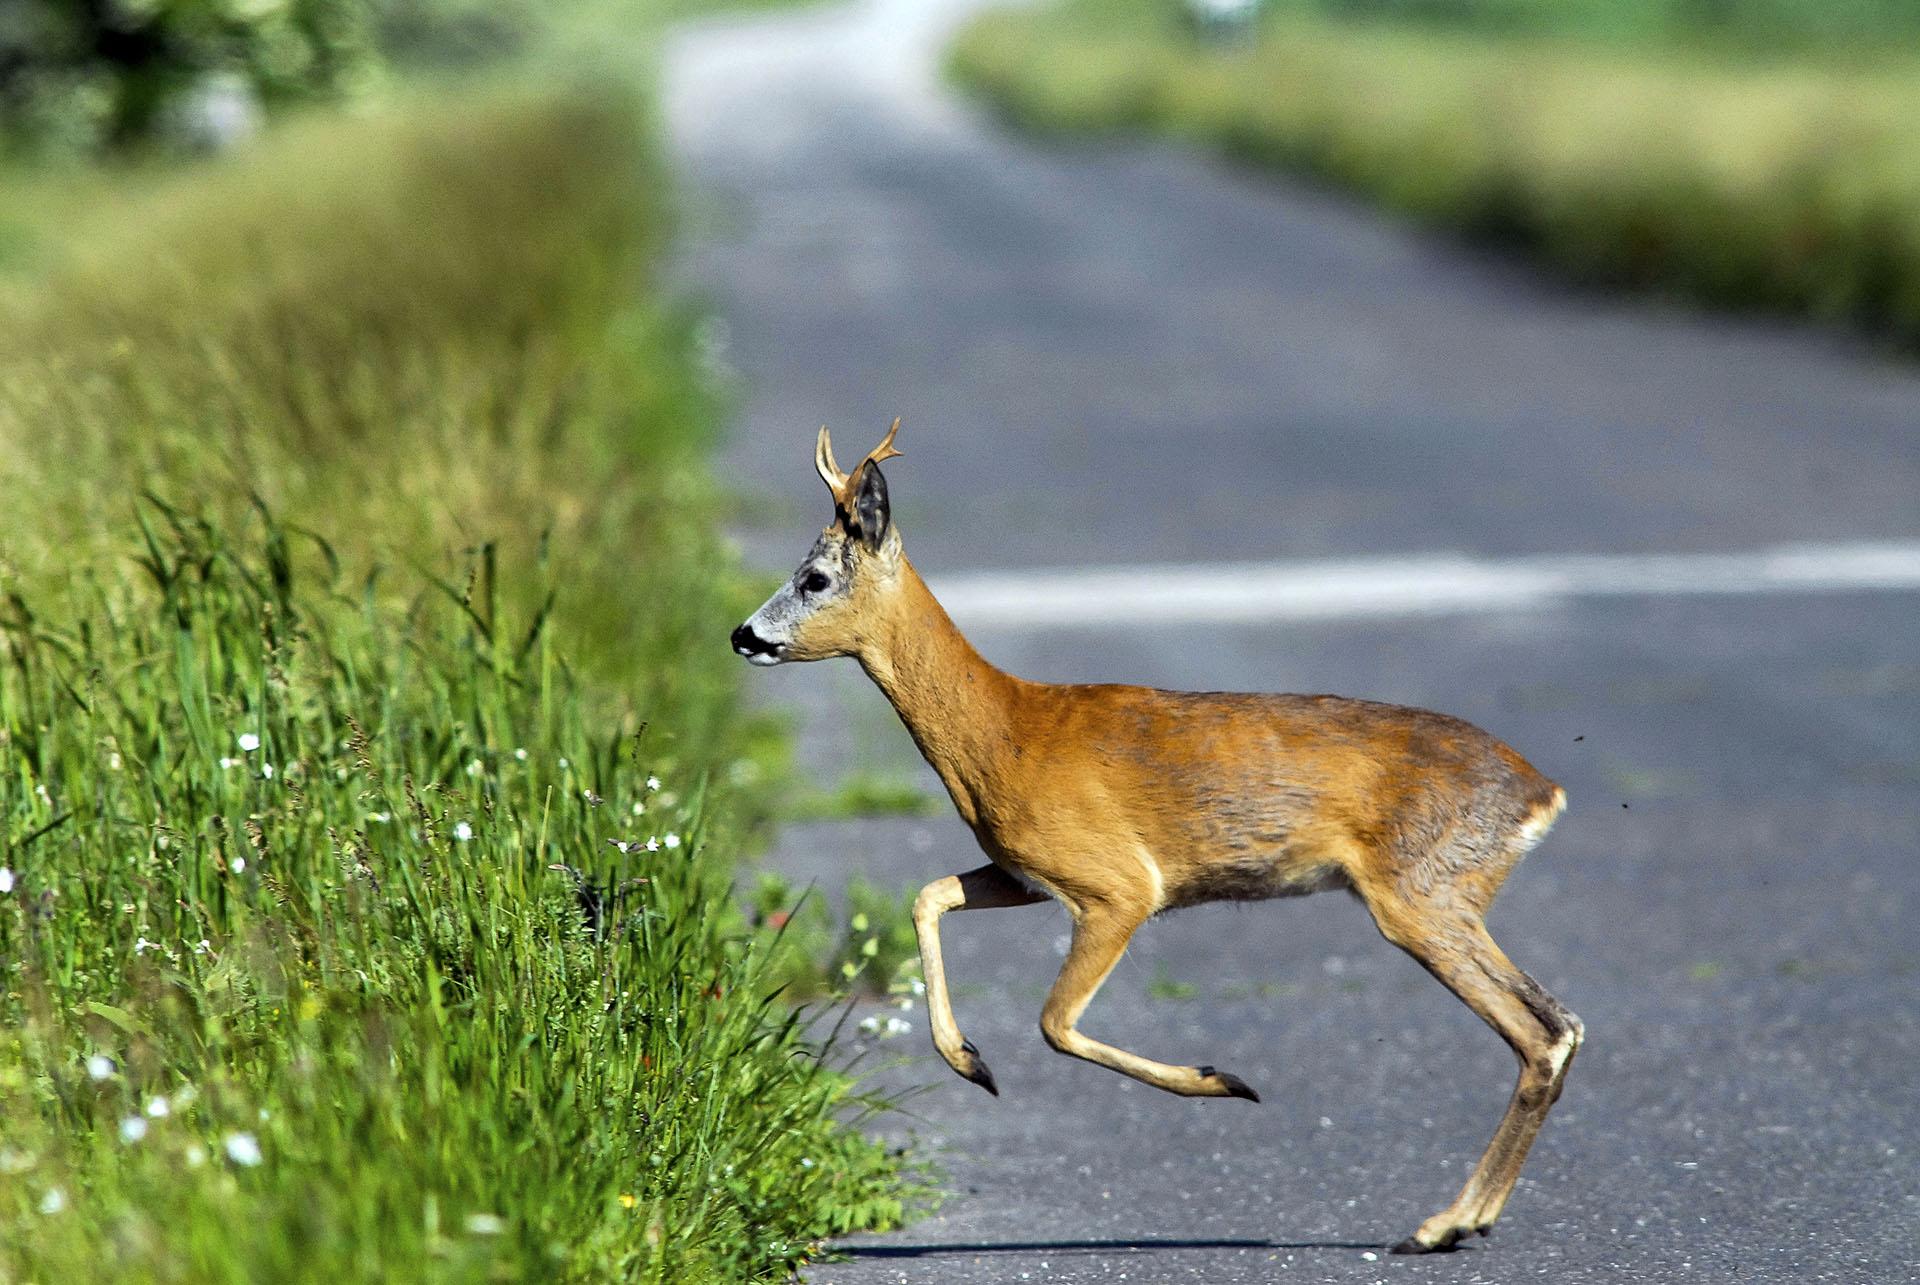 Az őzek násztáncot járnak, vigyázzanak az utakon 2